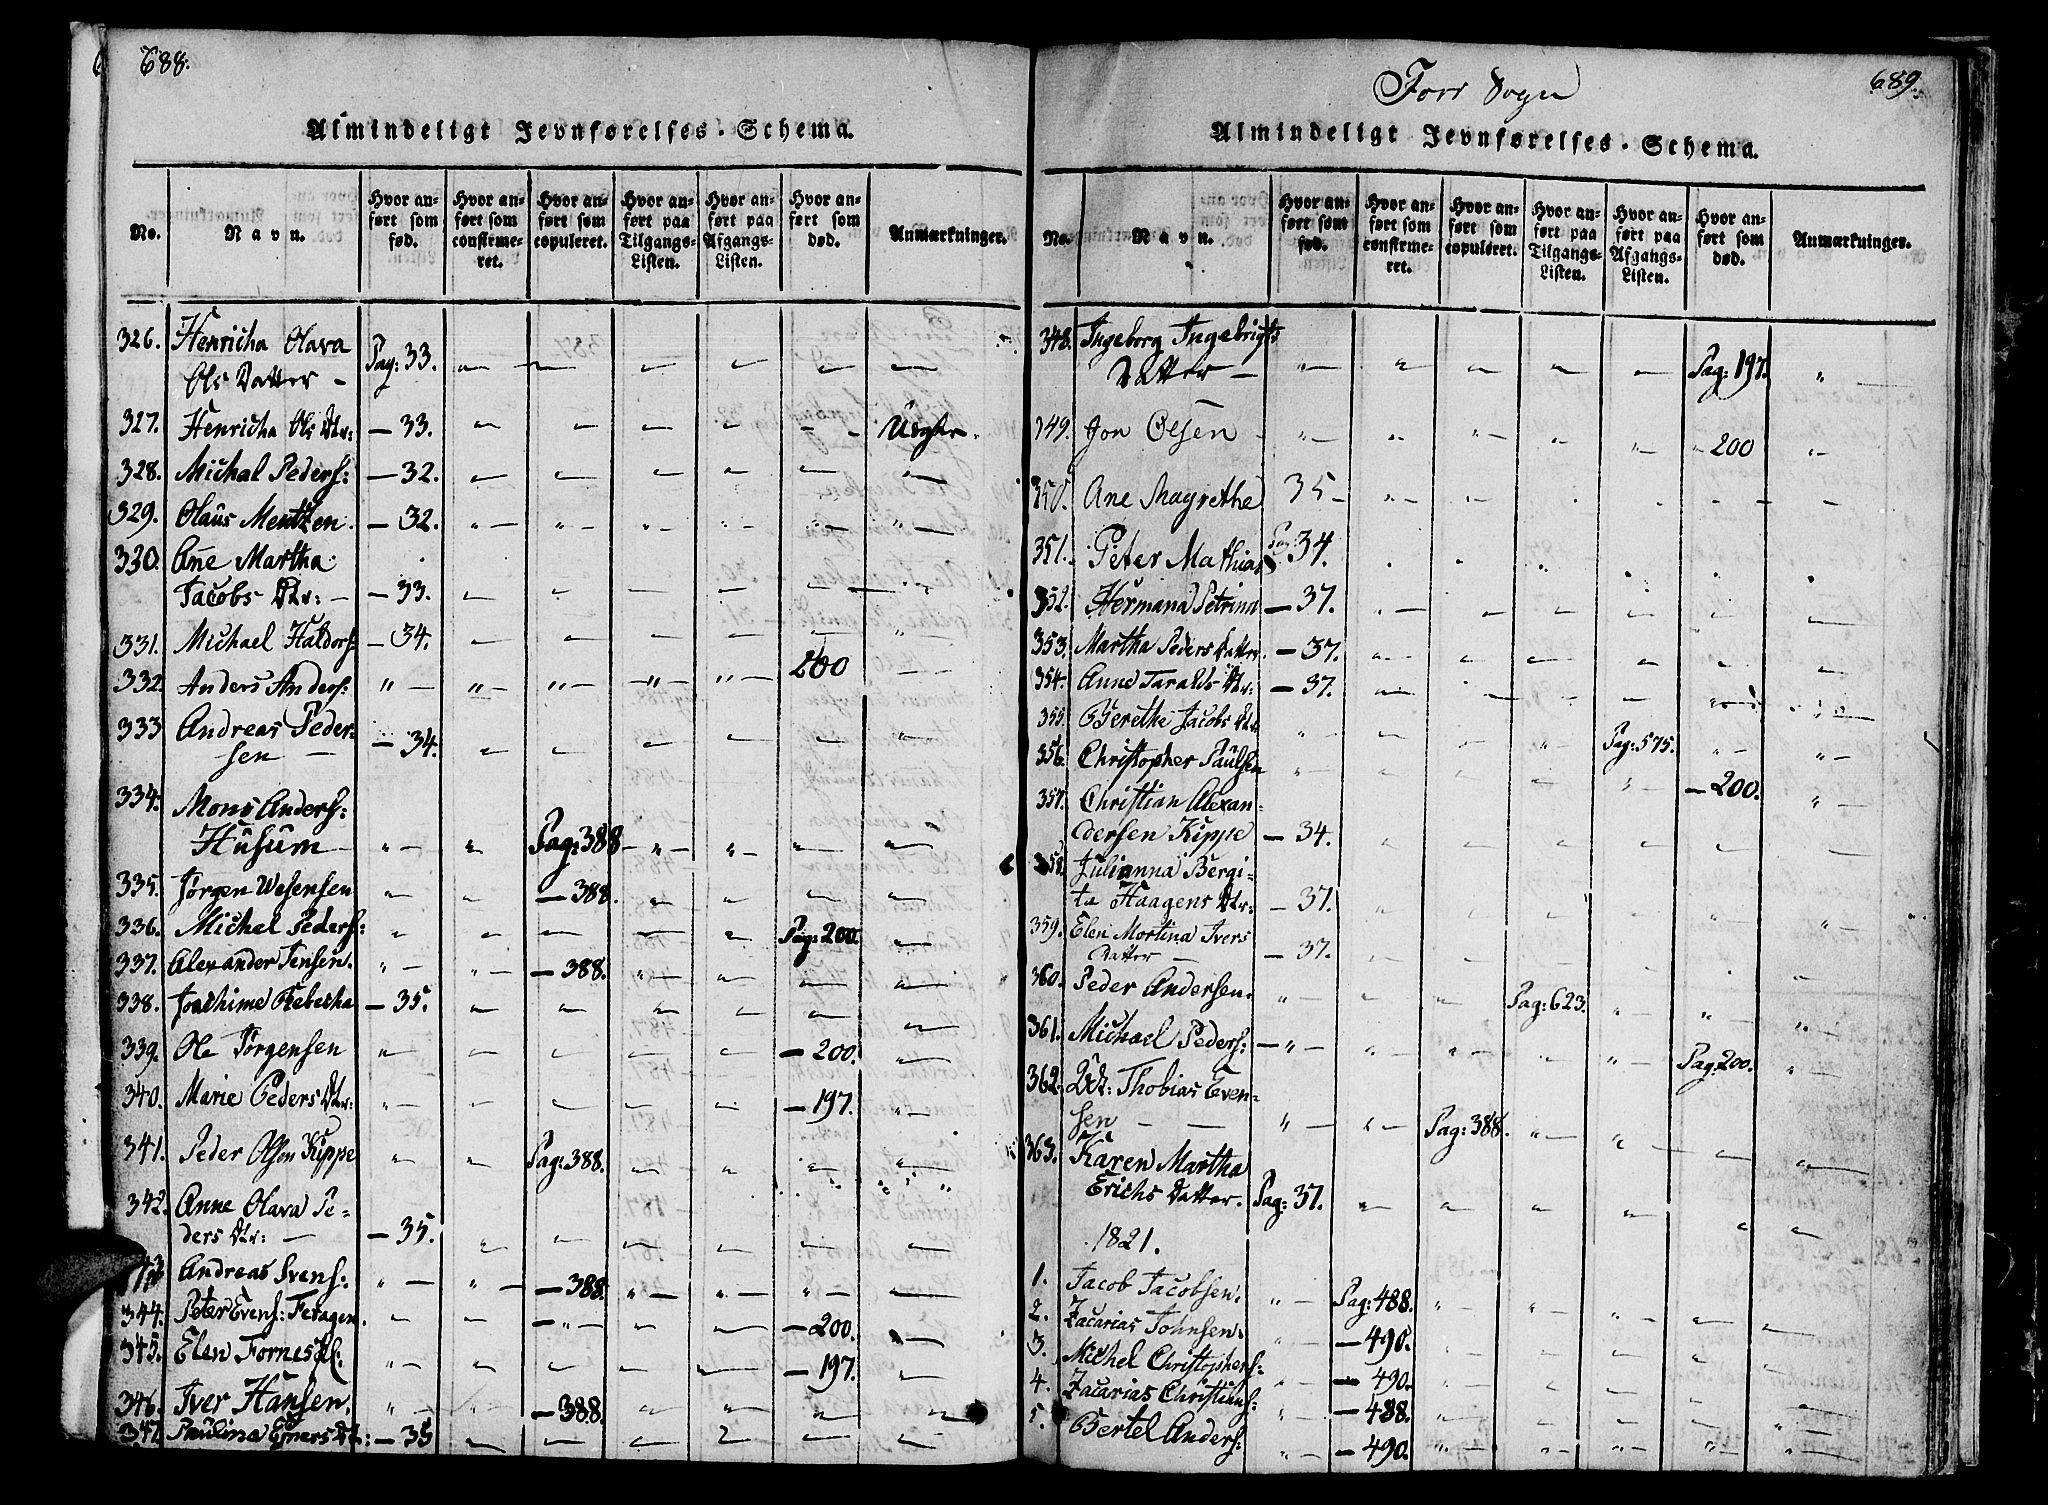 SAT, Ministerialprotokoller, klokkerbøker og fødselsregistre - Nord-Trøndelag, 746/L0441: Ministerialbok nr. 746A03 /1, 1816-1827, s. 688-689